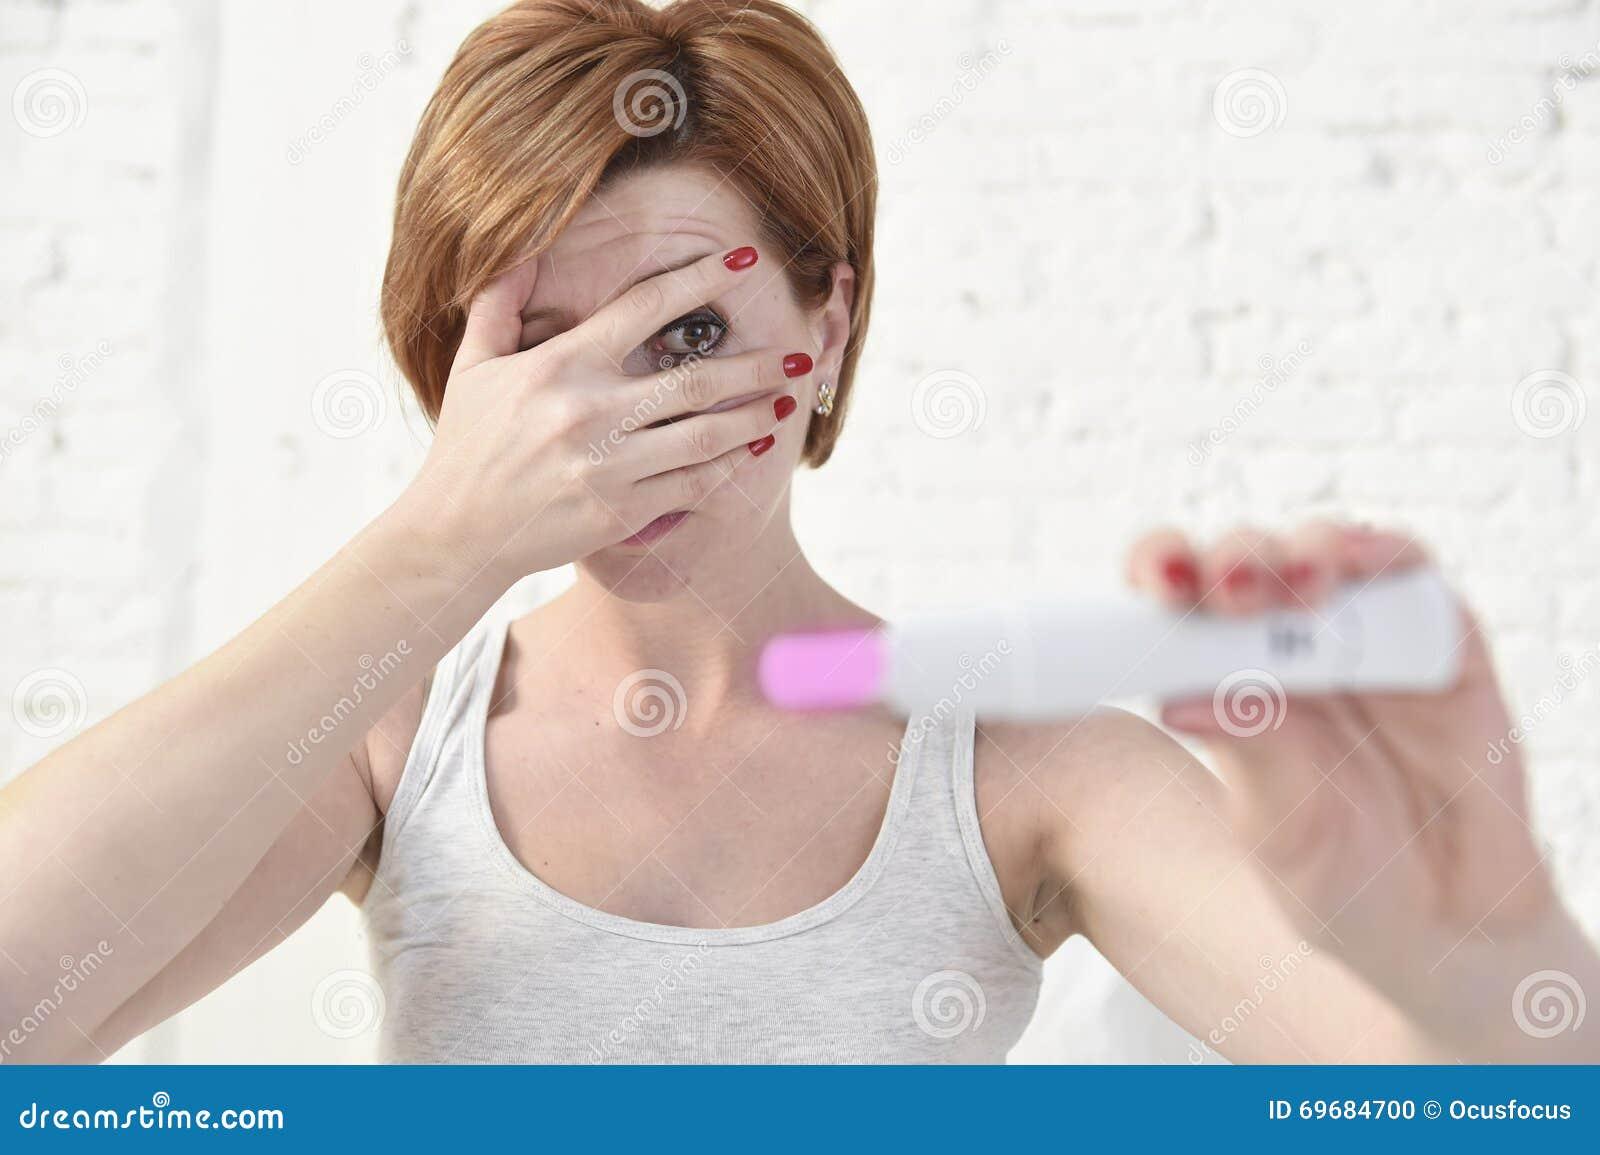 举行桃红色正面妊娠试验的孕妇包括她的眼睛用她的手